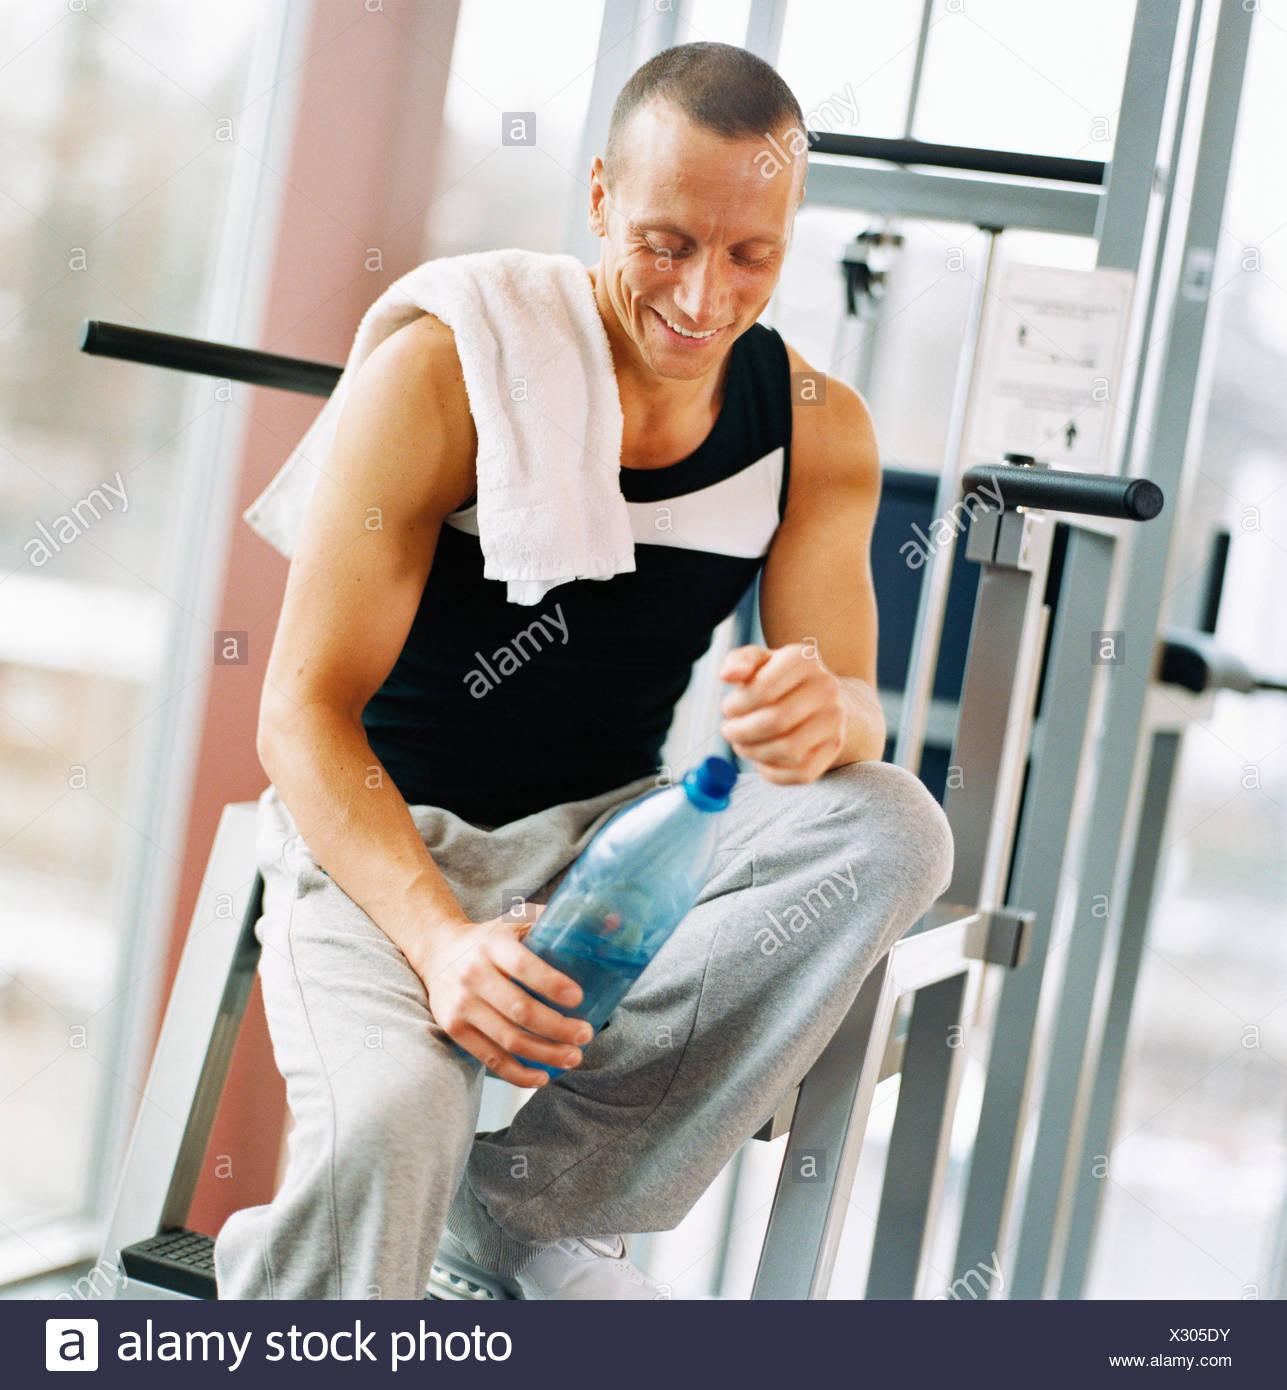 30-34 AÑOS 45-49 AÑOS actividad adultos único atleta bodybuilding botella botella de agua color image ejercicio gimnasio feliz Imagen De Stock